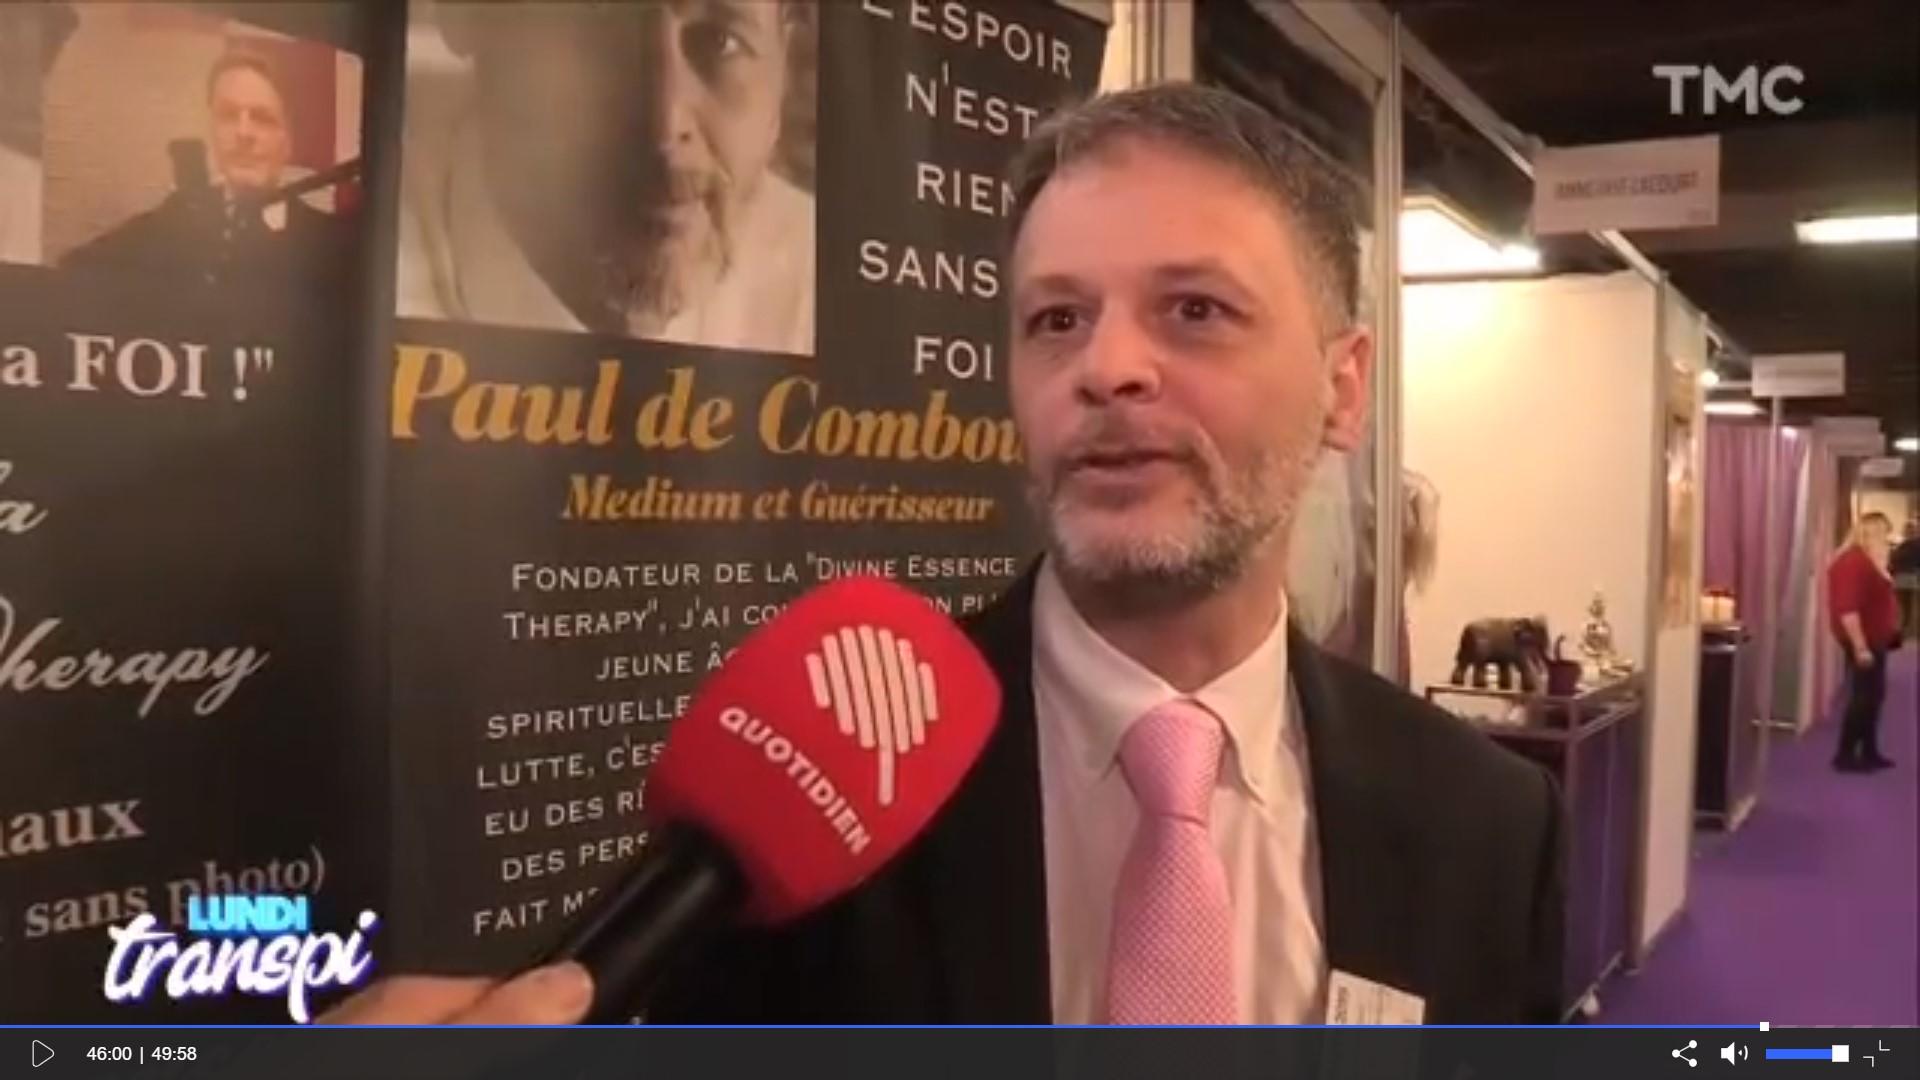 Paul de Combourg Médium et Guérisseur